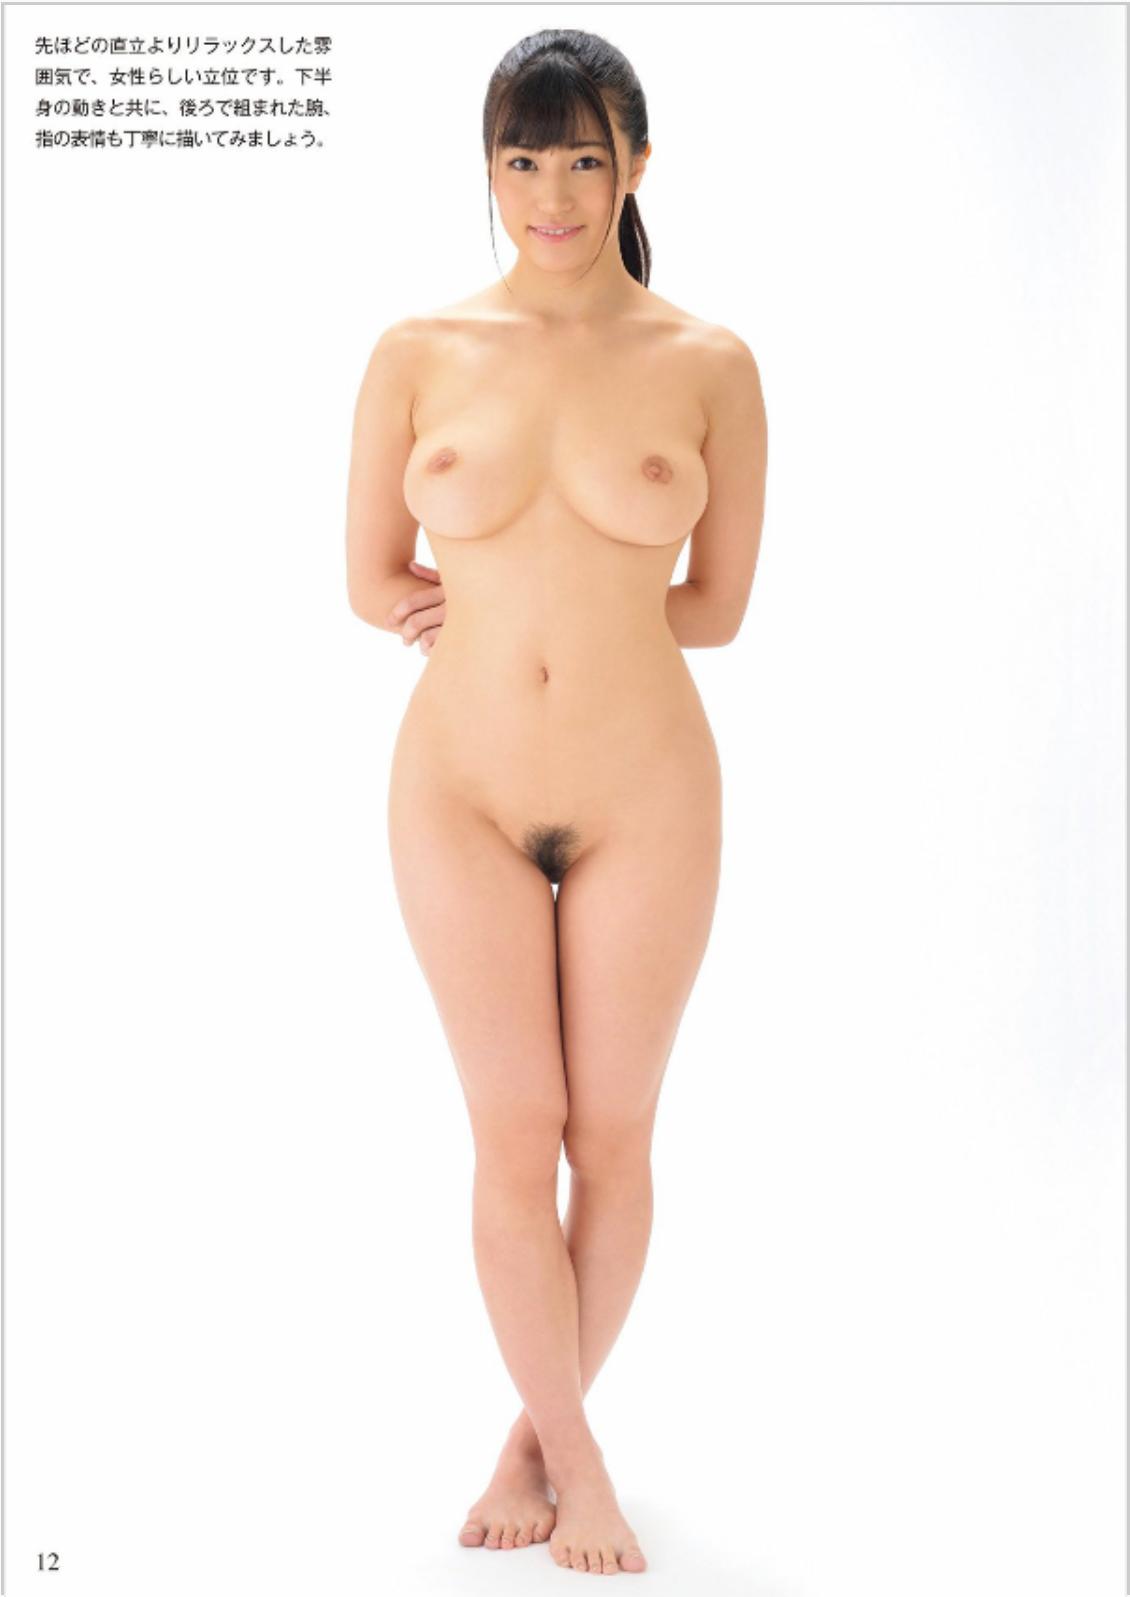 Shouko_Takahashi_07.jpg